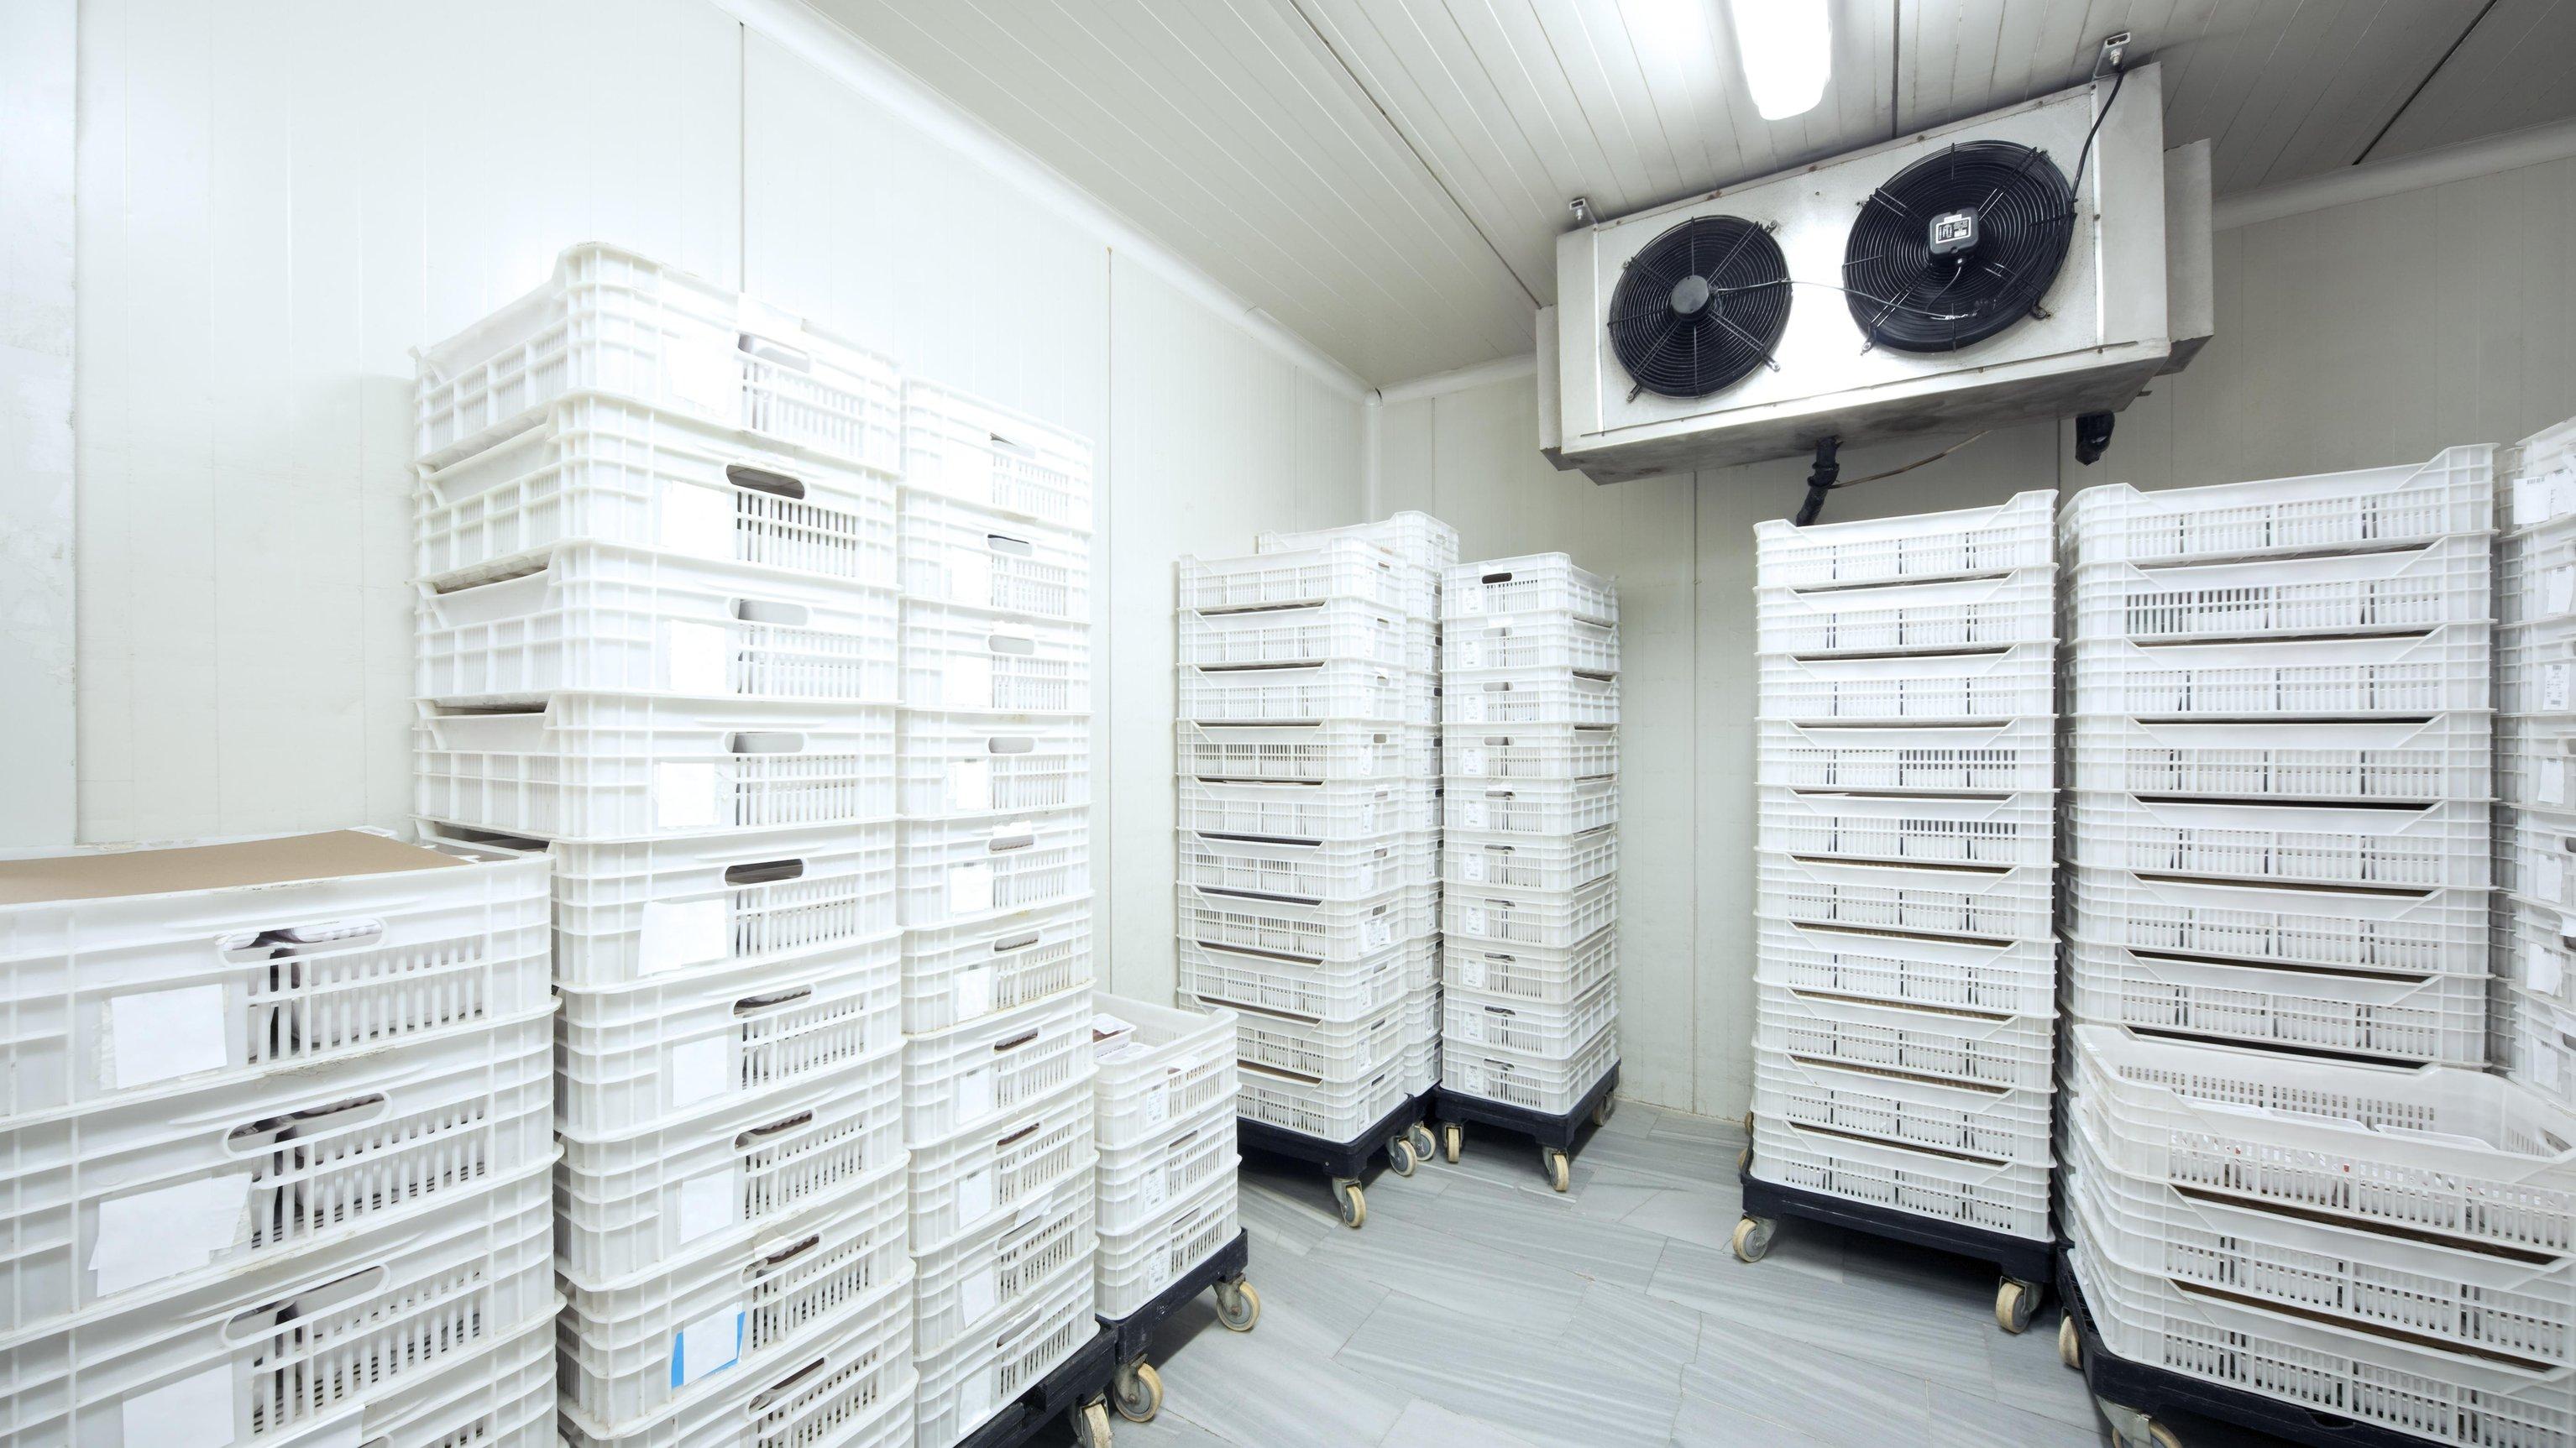 Stockfoto: Calvatis Reinigung und Desinfektion von Lebensmitteltransportbehältern und Lastträgern - © istock.com / Lebazele